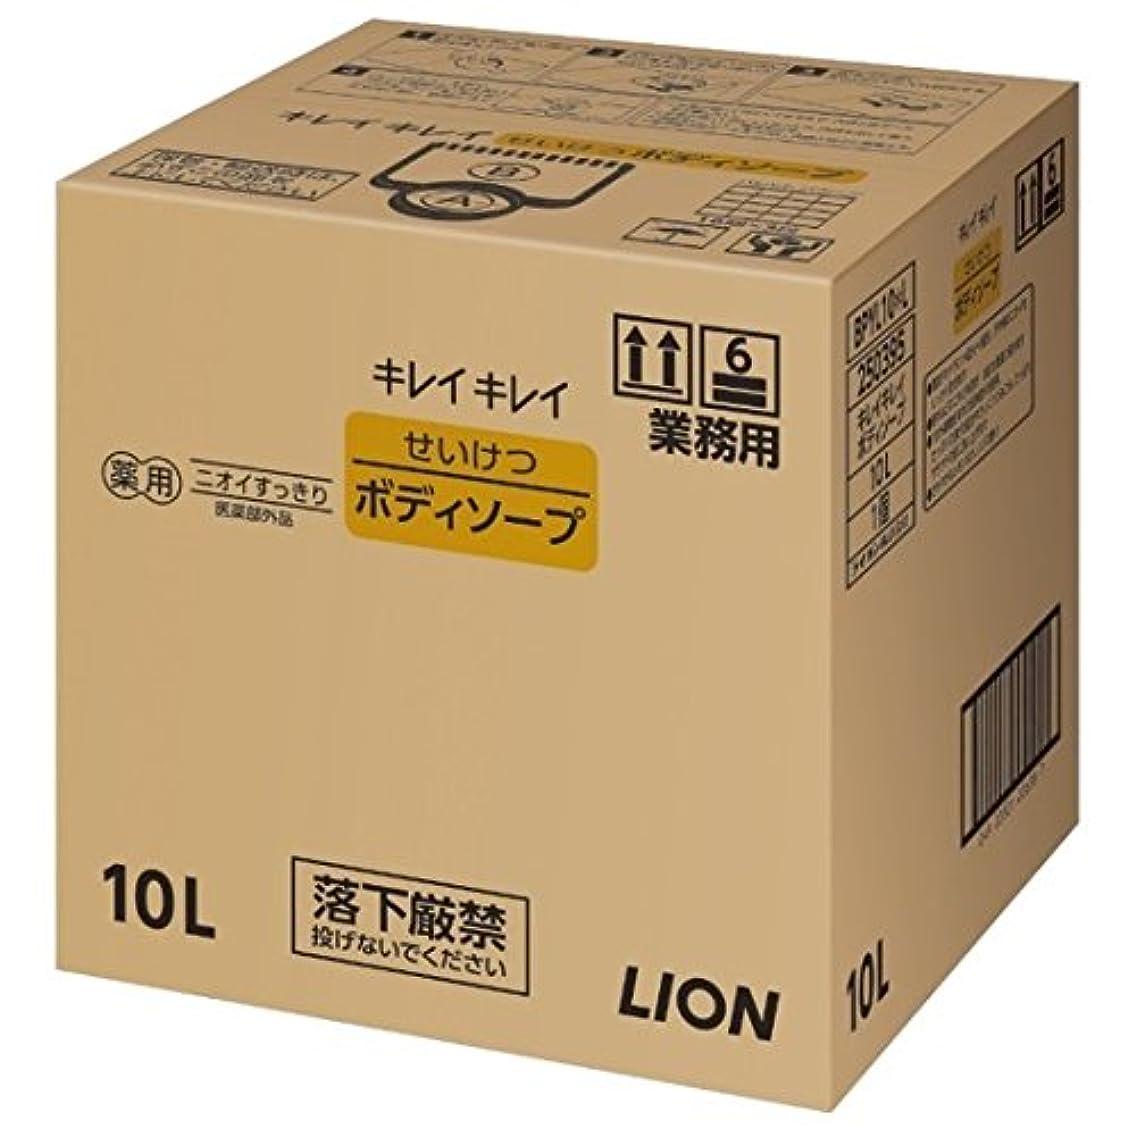 明確なスチュワードバンジョーライオン 業務用 キレイキレイ せいけつボディソープ 10L